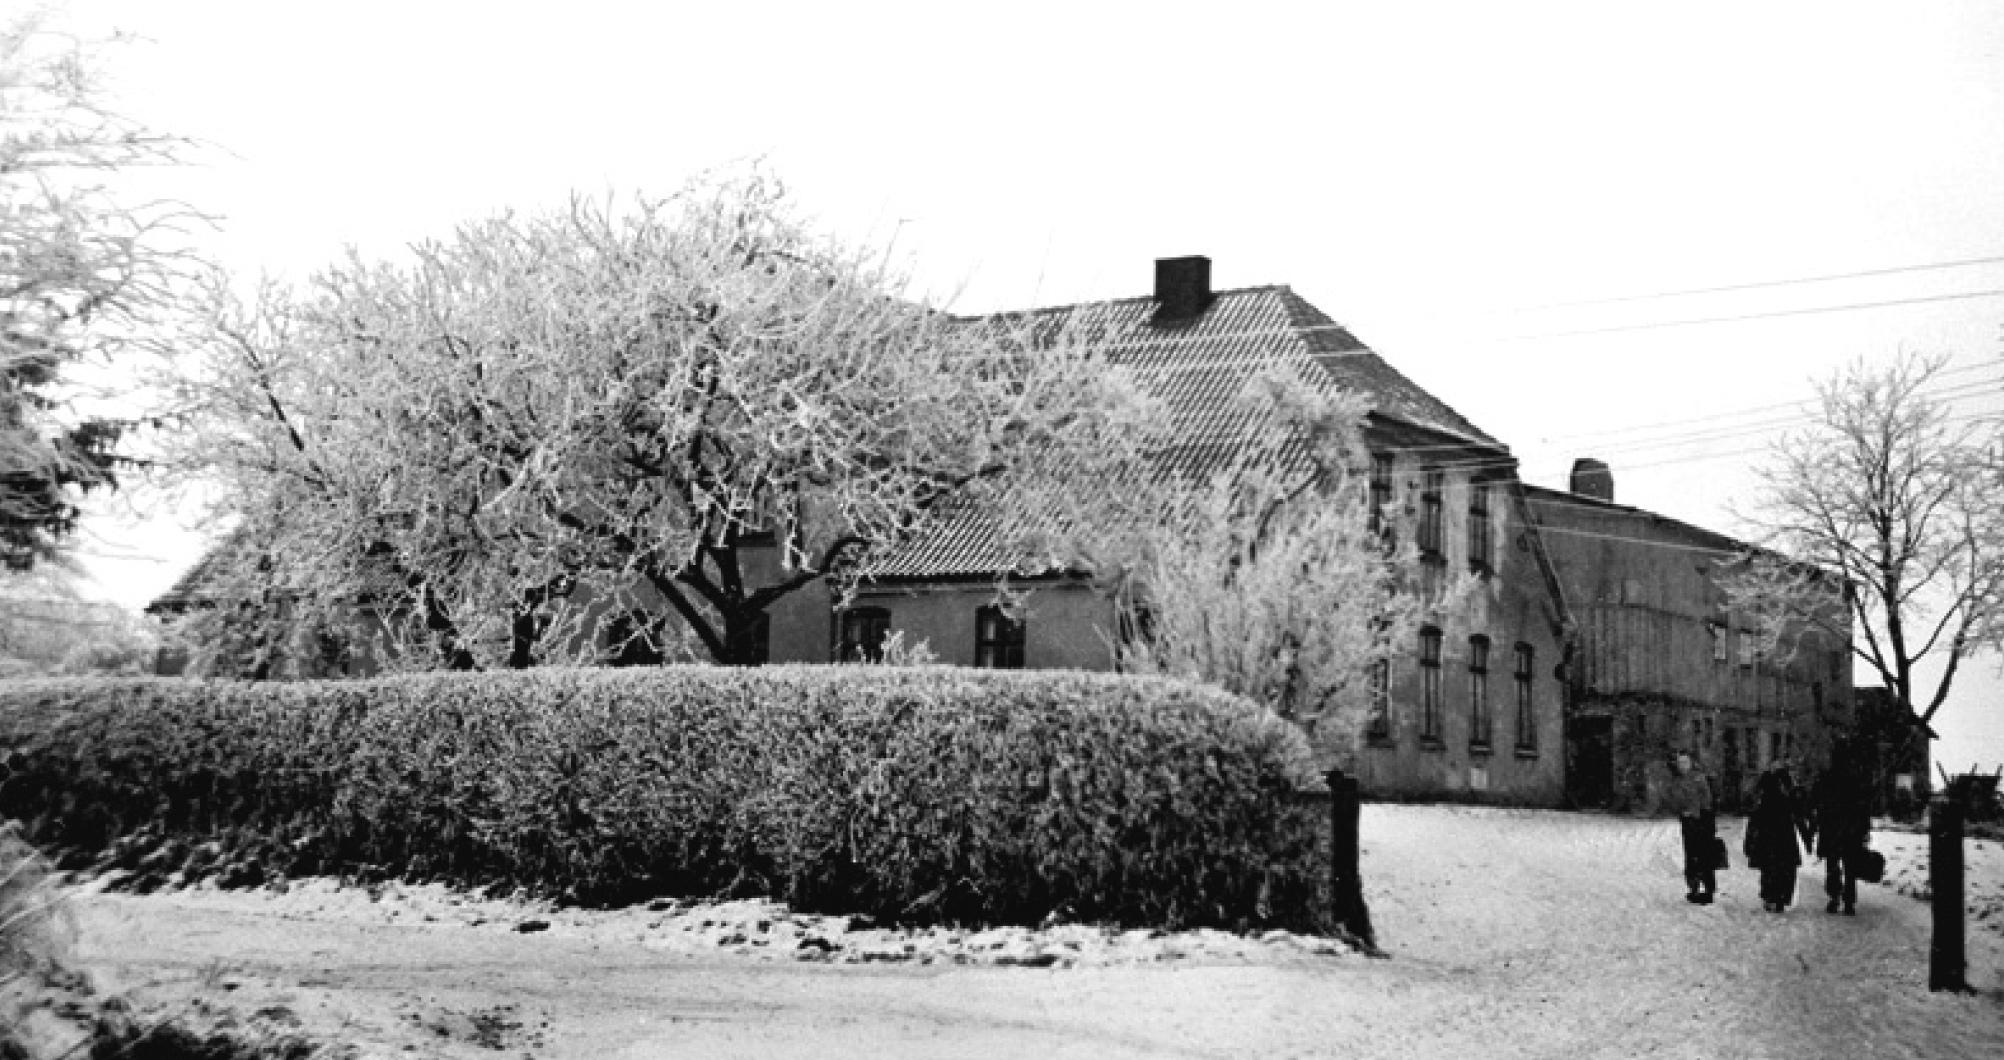 dorf_bilder/Chronik-Hennstedt-80.jpg